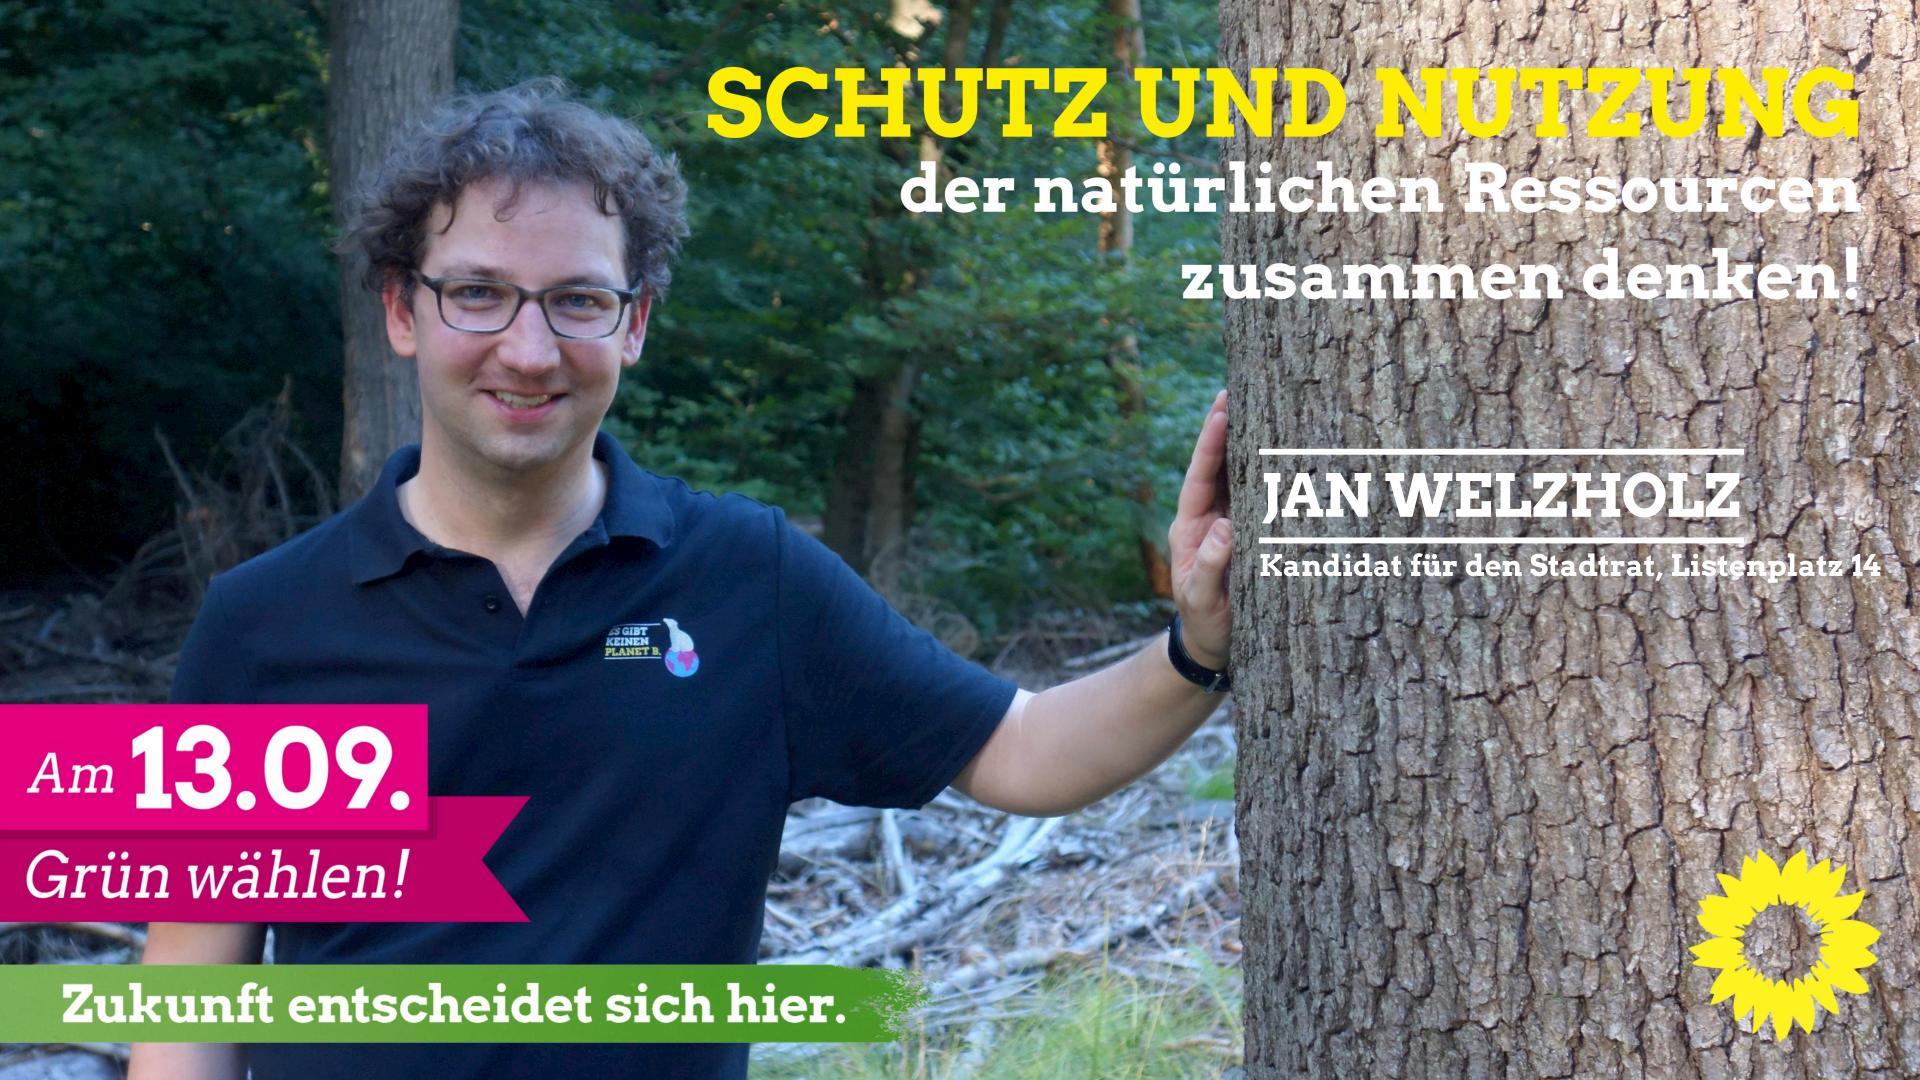 Jan Carl Welzholz – unser Kandidat auf Listenplatz 14 🌻